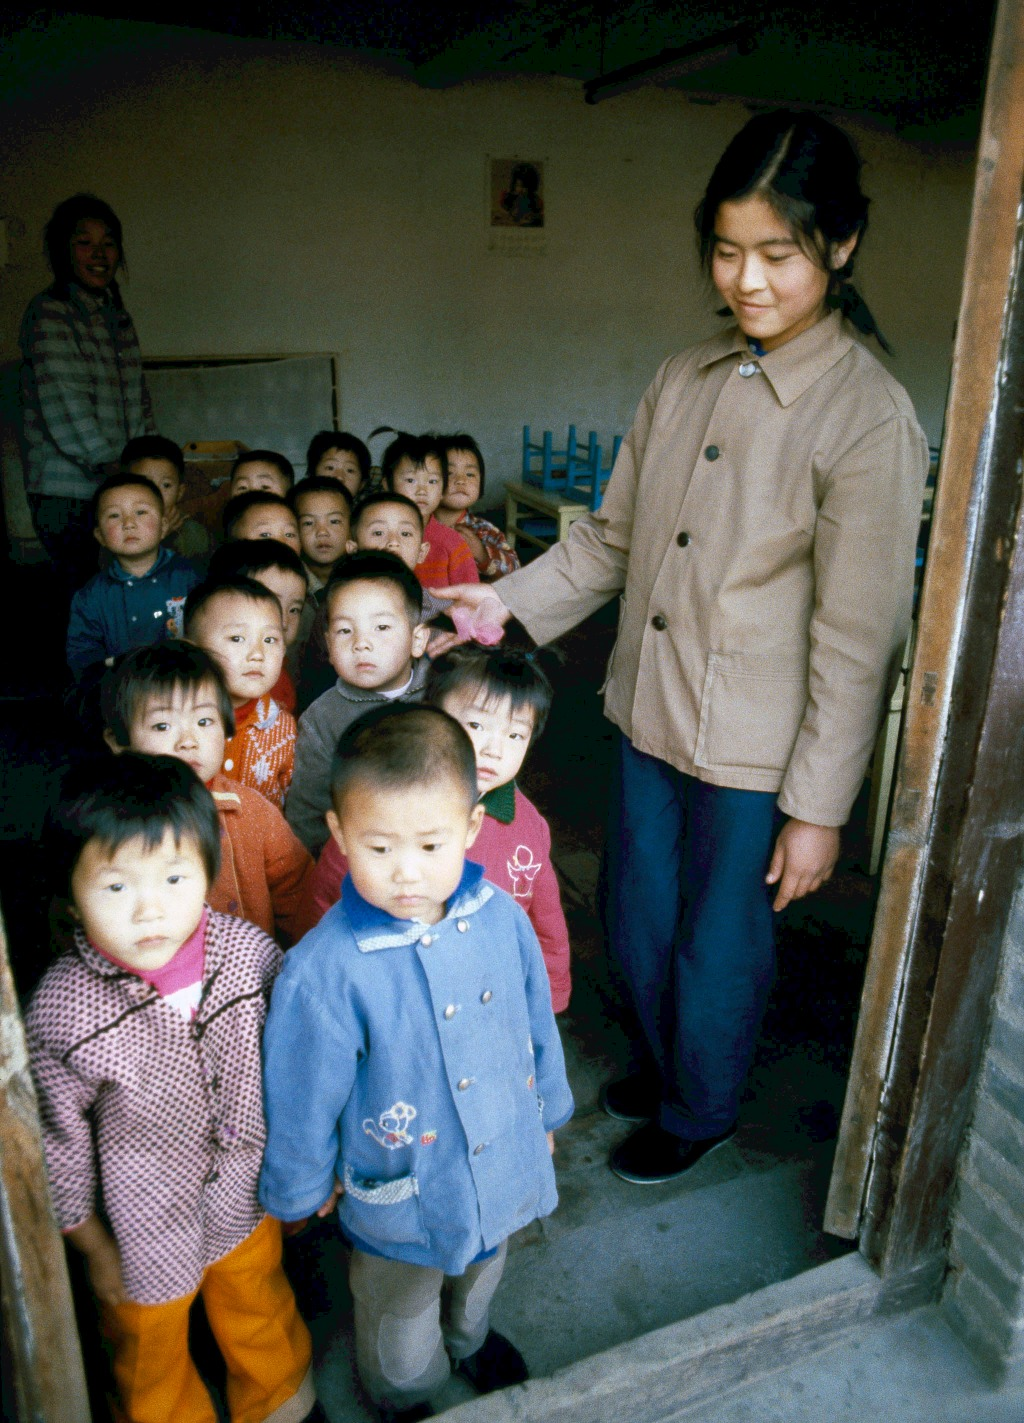 1983年,鄧小平在教育方面提出「三個面向」:「教育要面向現代化,面向世界,面向未來」。(圖片來源:AP)